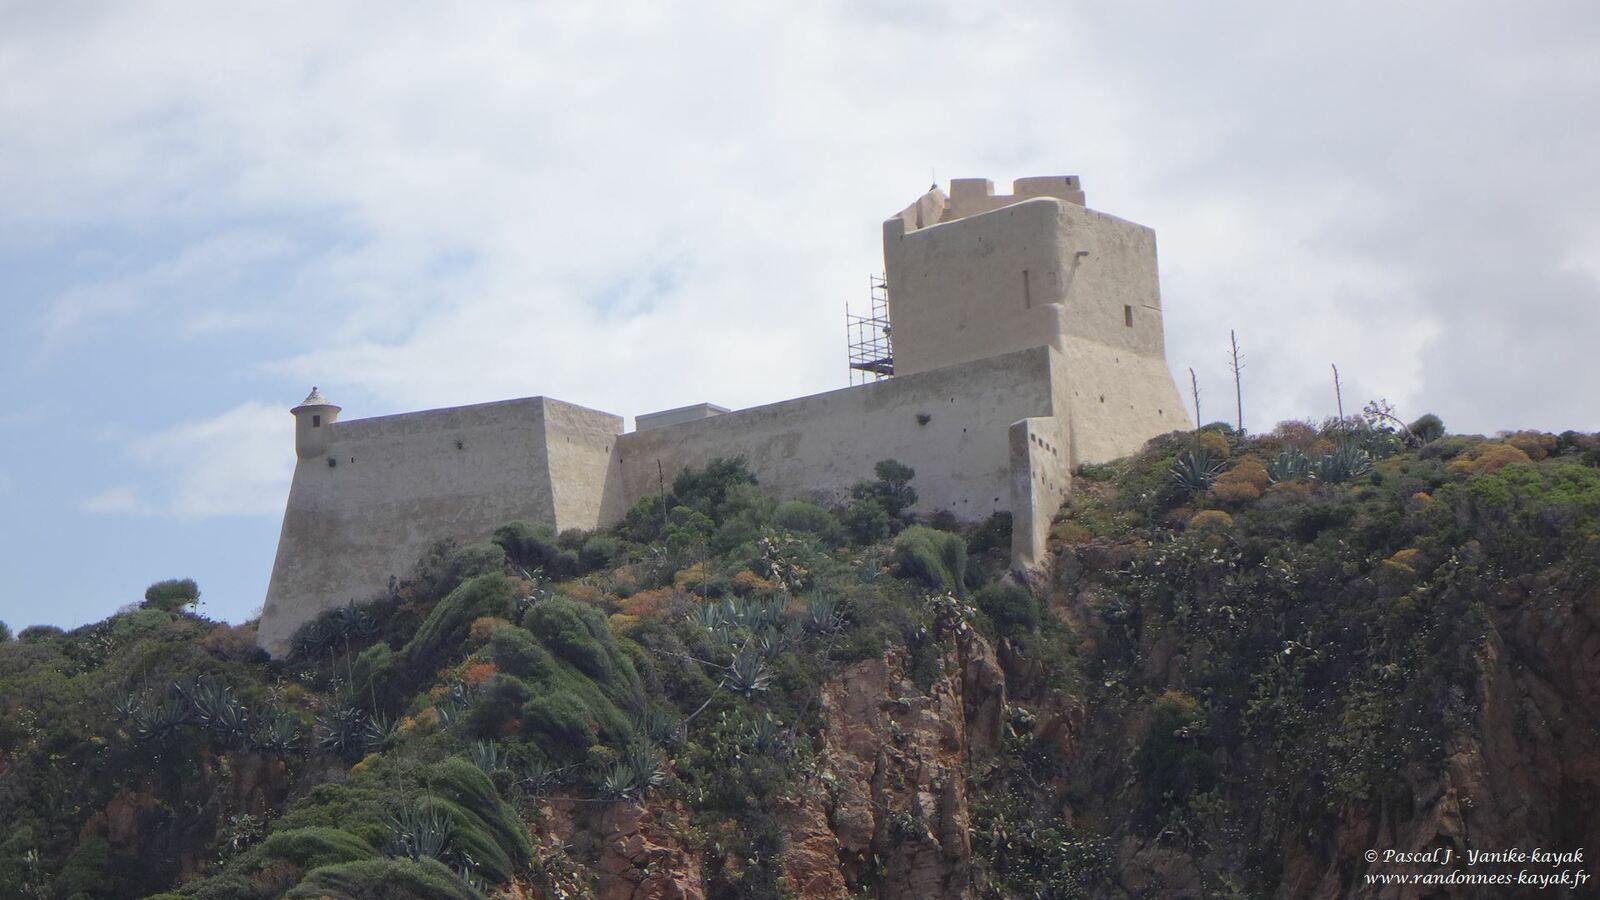 Corsica 2021, la beauté, essentielle, de la nature - Chapitre 9 : Scandola (suite), et Girolata.